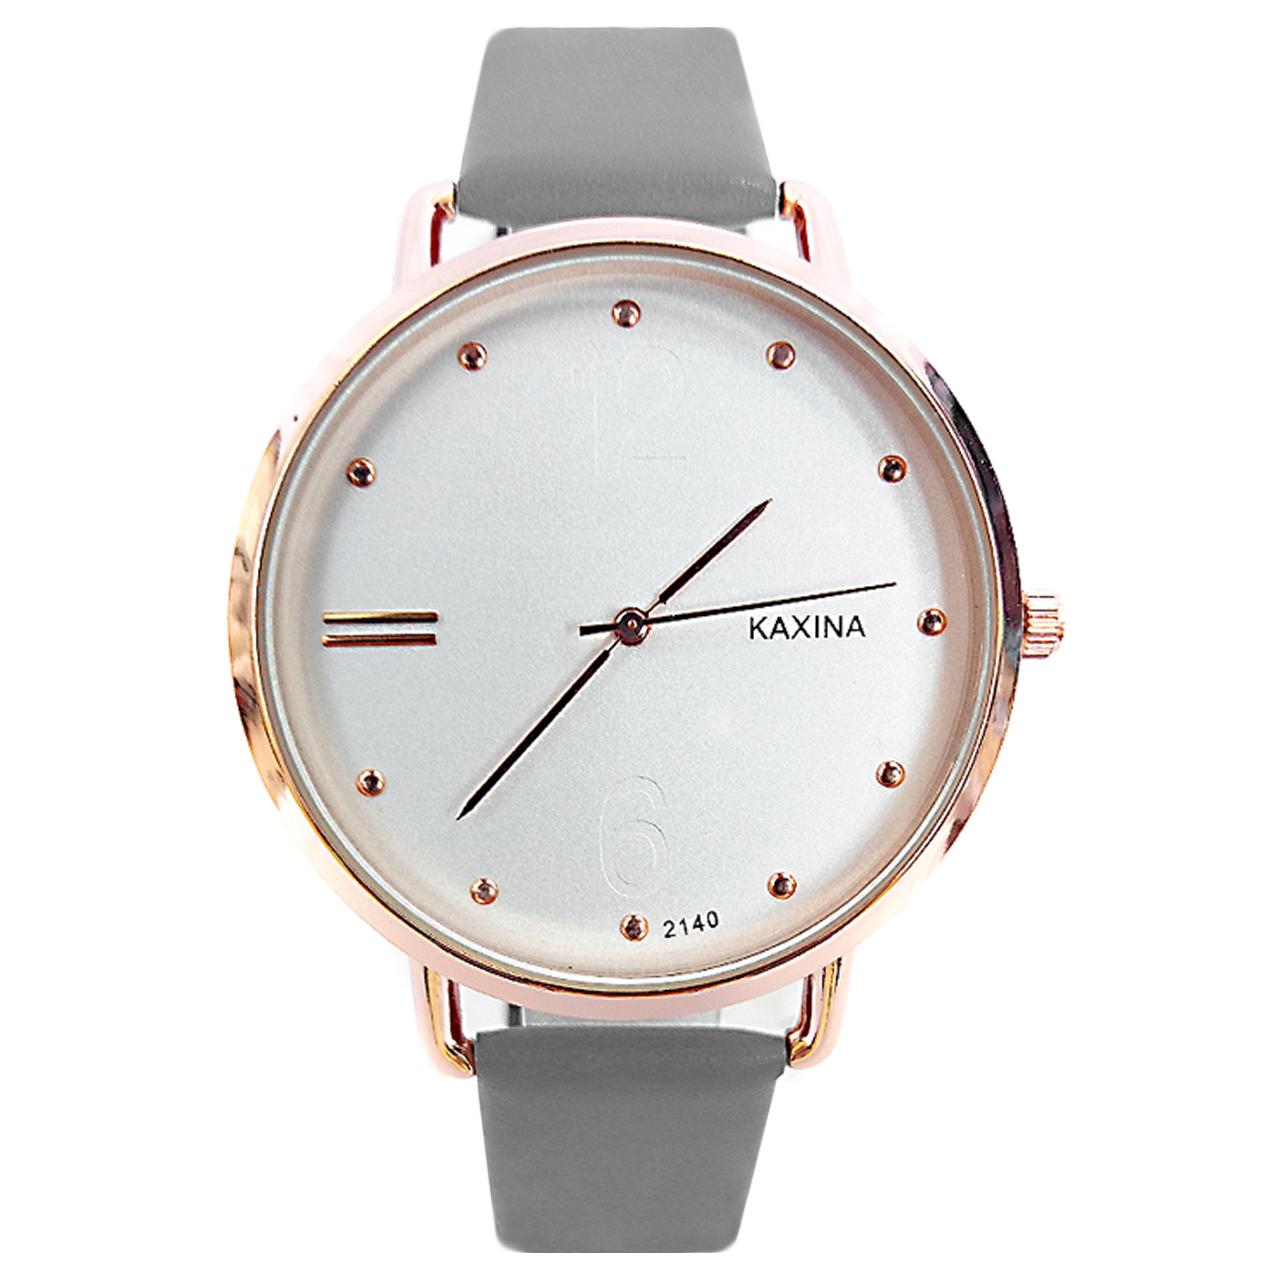 ساعت مچی عقربه ای کاکسینا مدل 2145 54